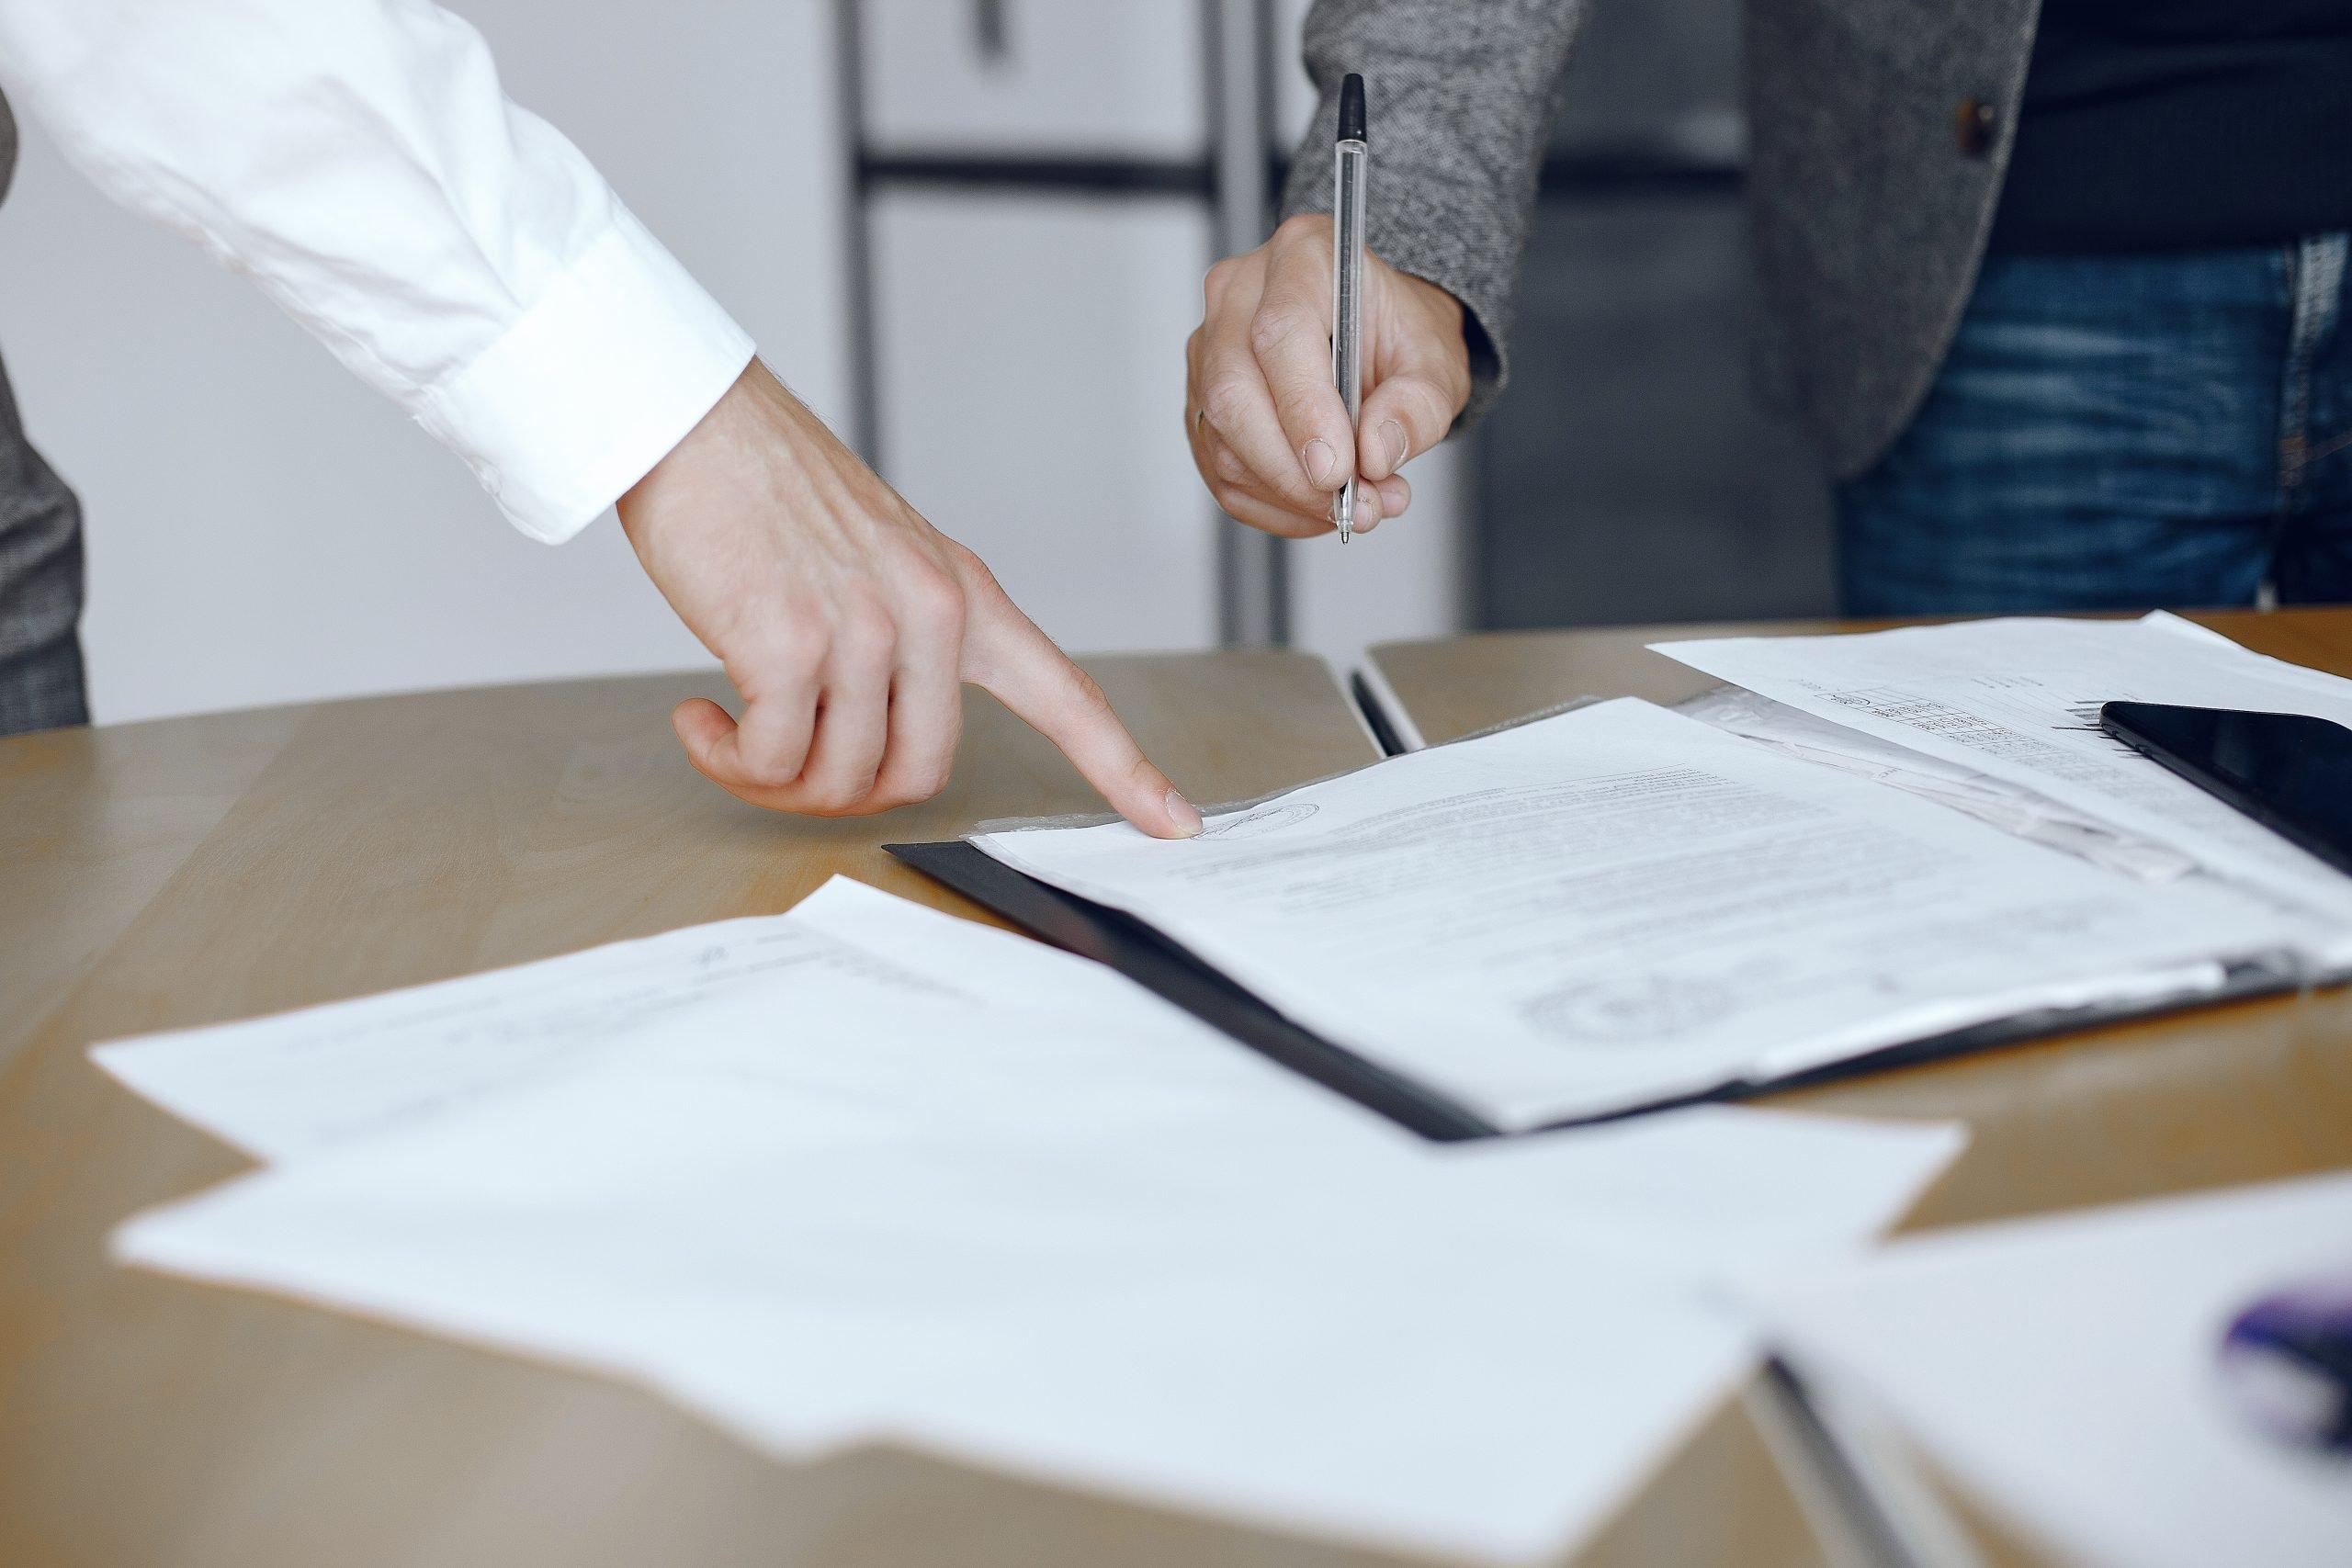 refinanciamiento-hipotecario-documentos